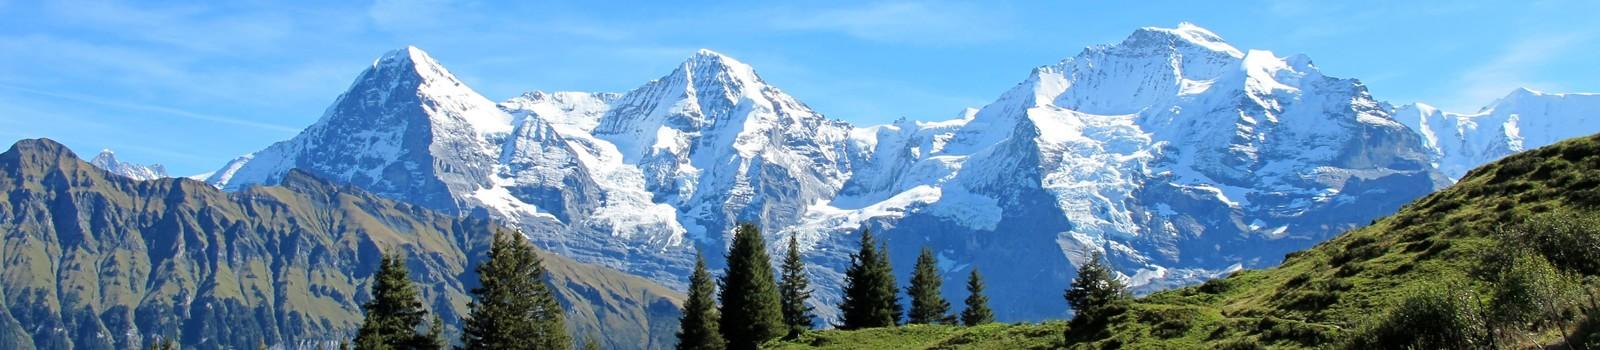 schweizer-alpen